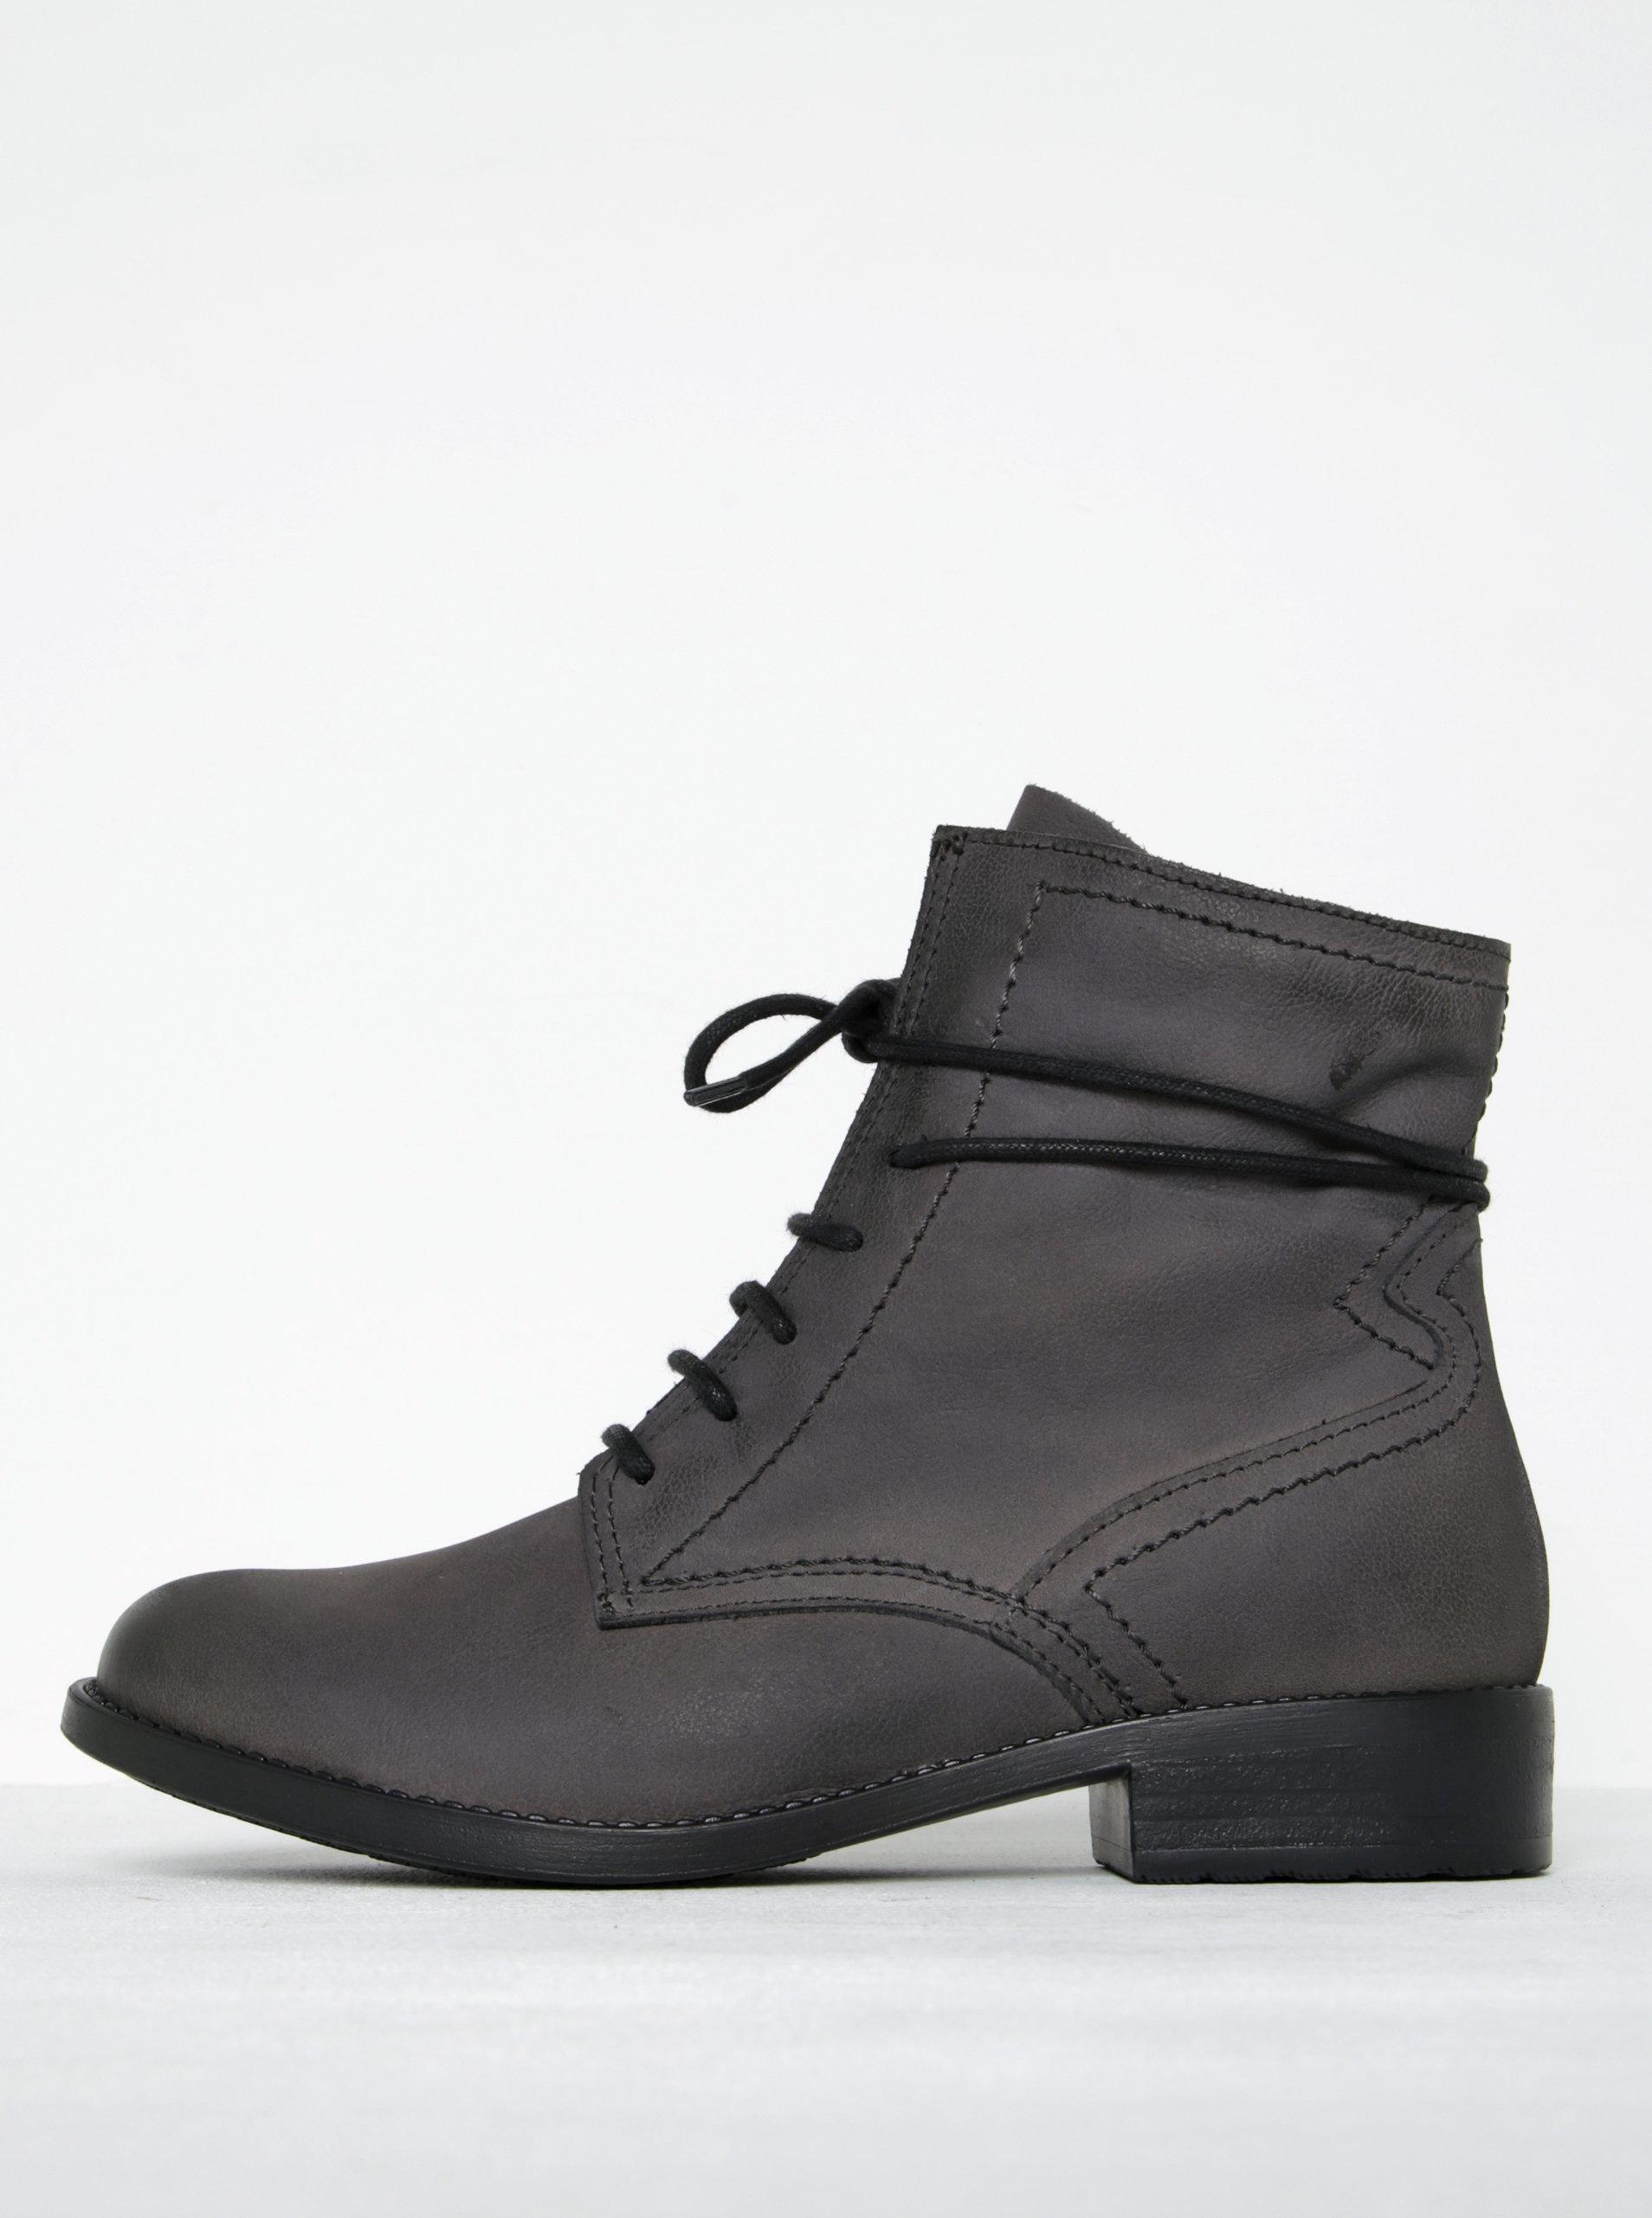 Tmavě šedé kožené kotníkové boty na zip Tamaris ... 50deeb2e8c